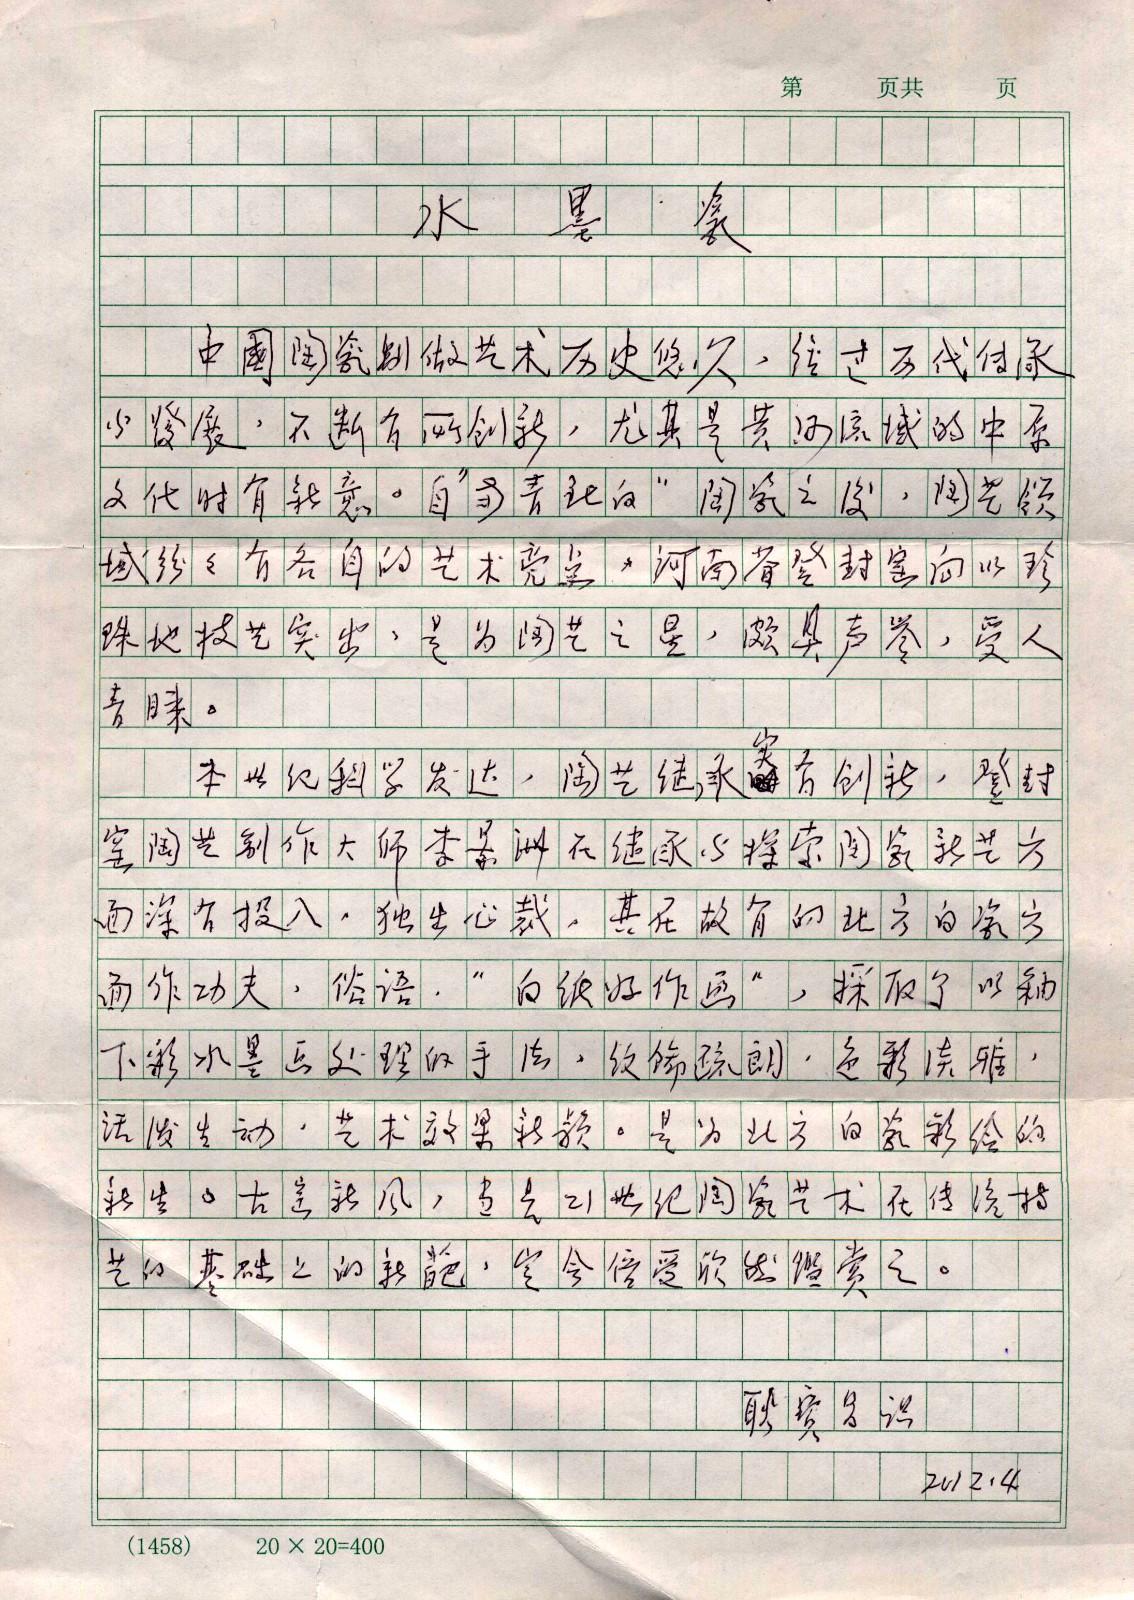 meishubao/2016121410281617308.jpg